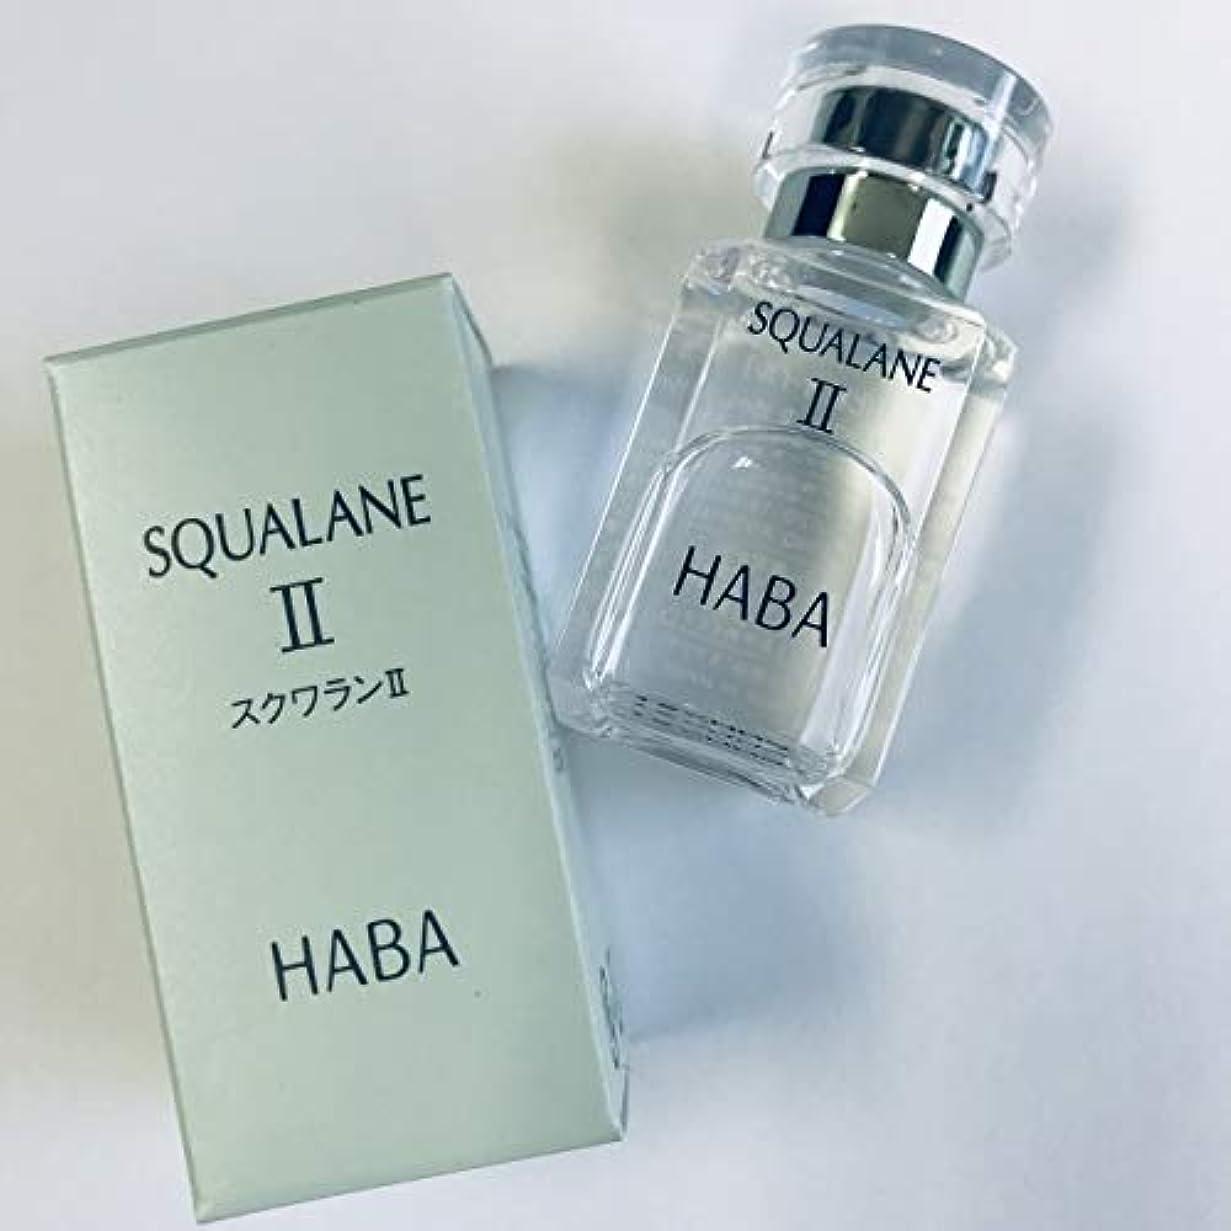 繁栄する再現する農奴HABA ハーバー  スクワランII 15mL